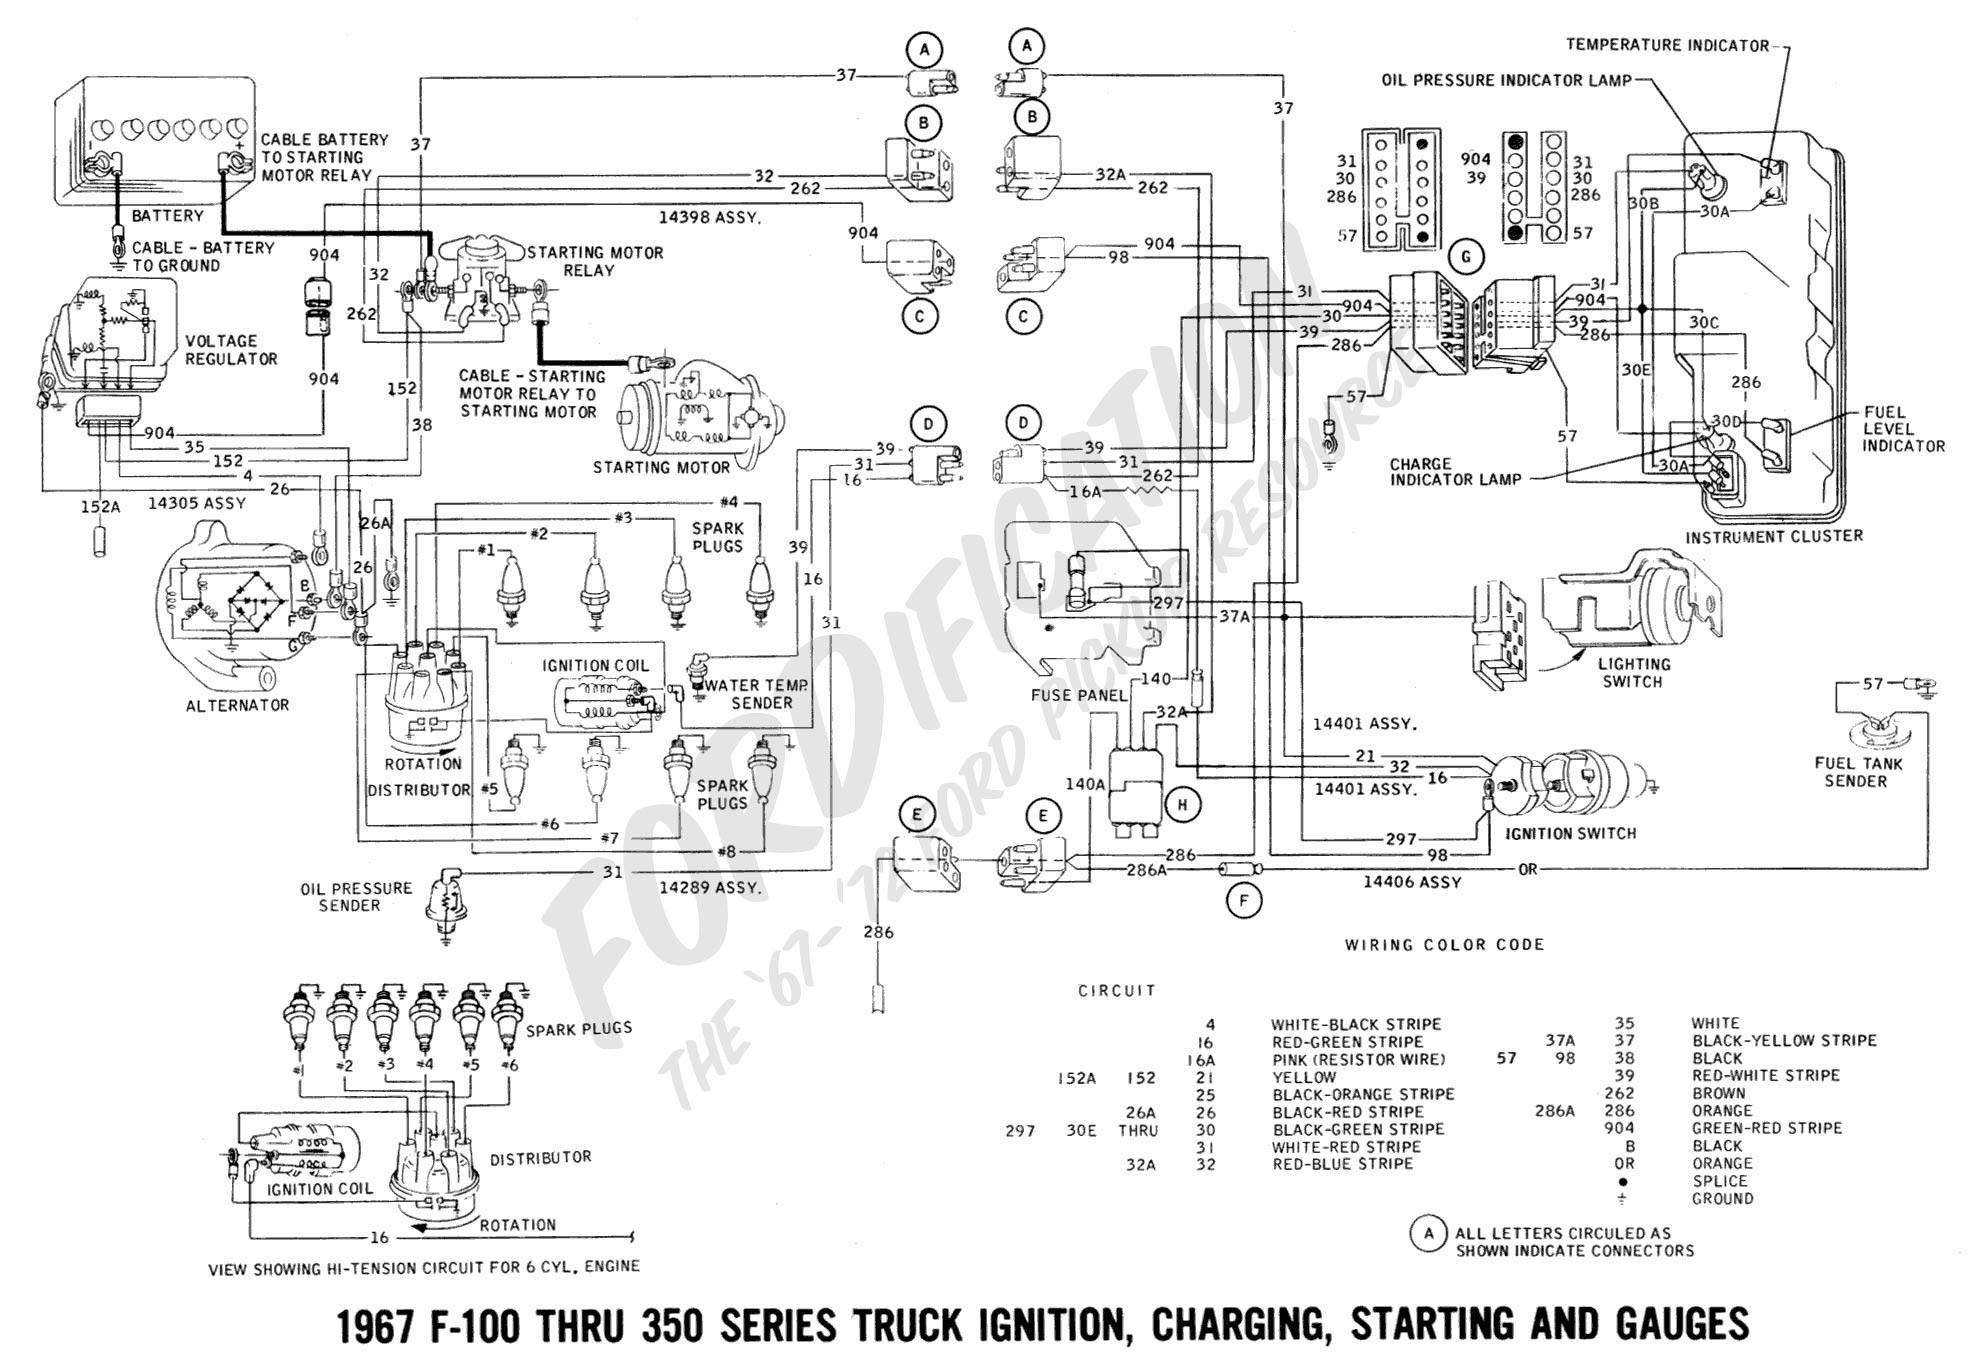 1970 Pontiac Firebird Wire Diagram Wiring Schematic House Light Wiring Diagram Bege Wiring Diagram